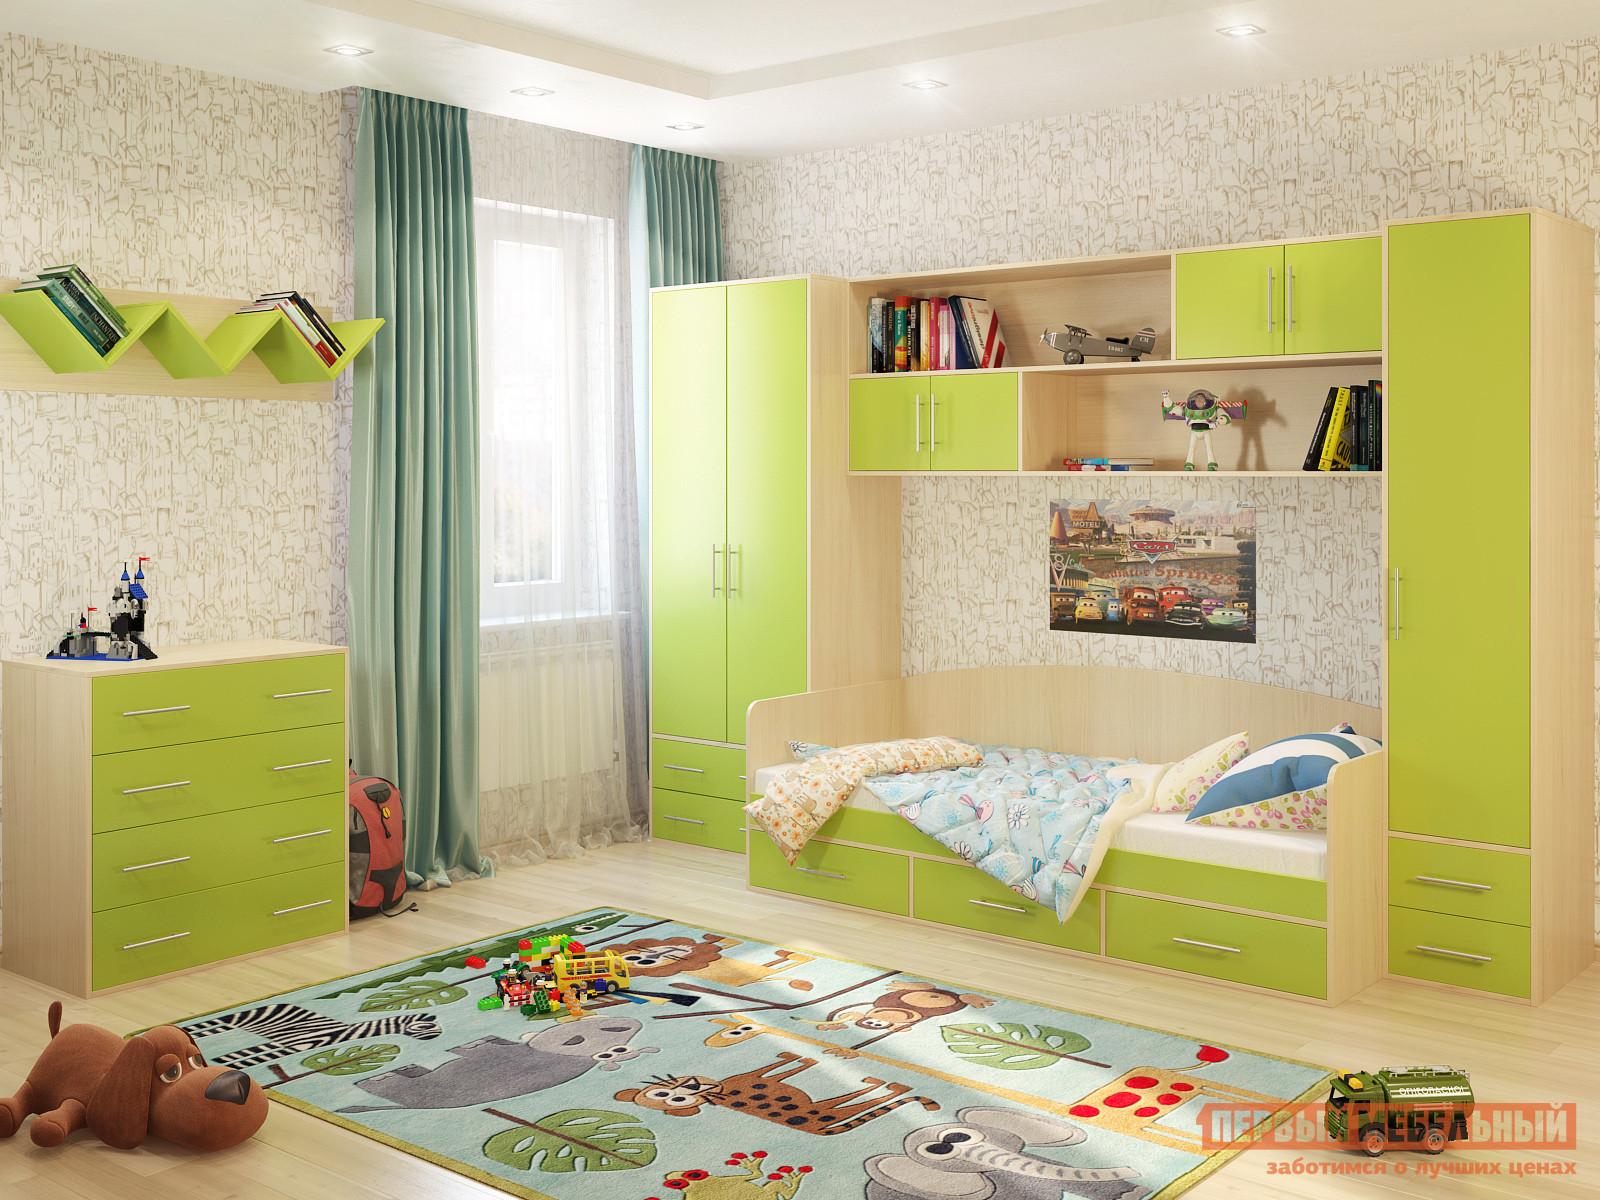 Комплект детской мебели Мелания Милана М1 цена